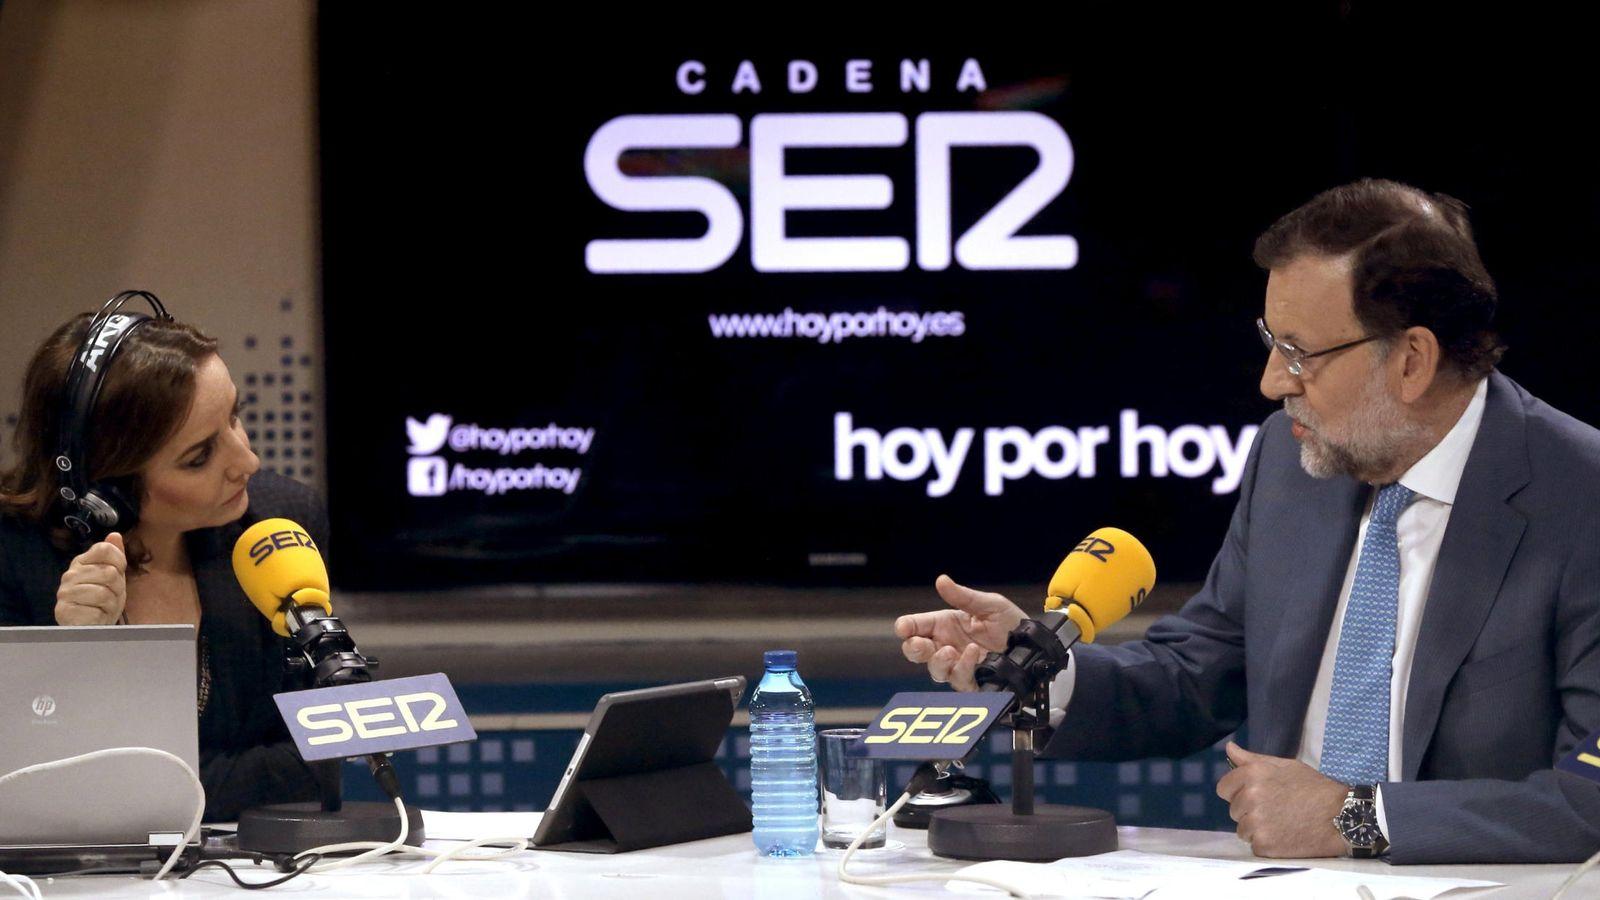 Foto: El presidente del Gobierno, Mariano Rajoy, durante la entrevista en la Cadena SER. (Efe)